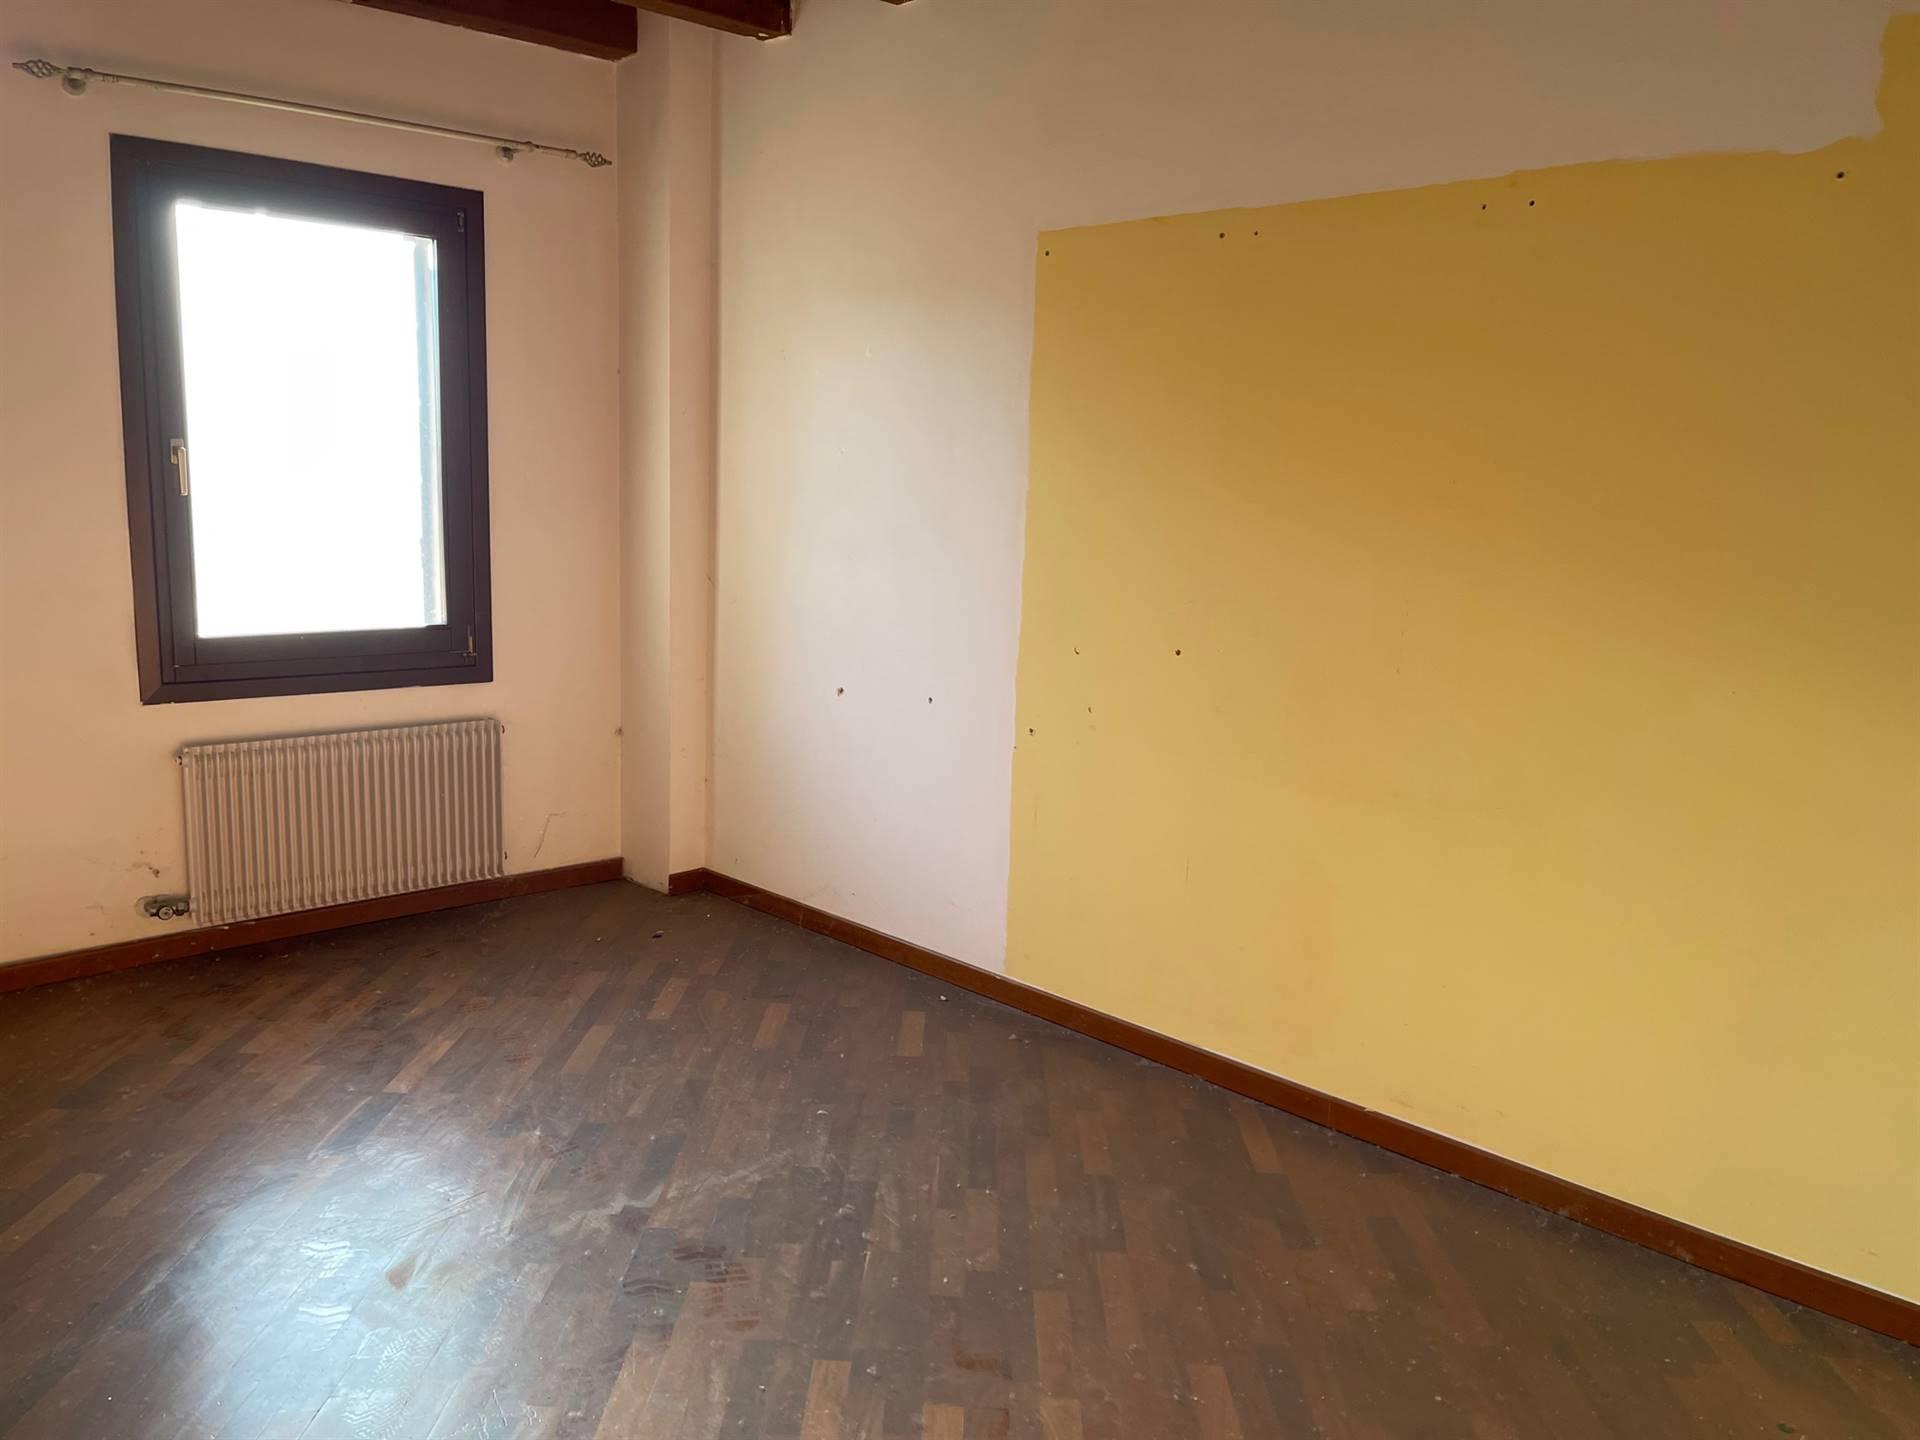 camera da letto Mestre centro affittasi euro 1500